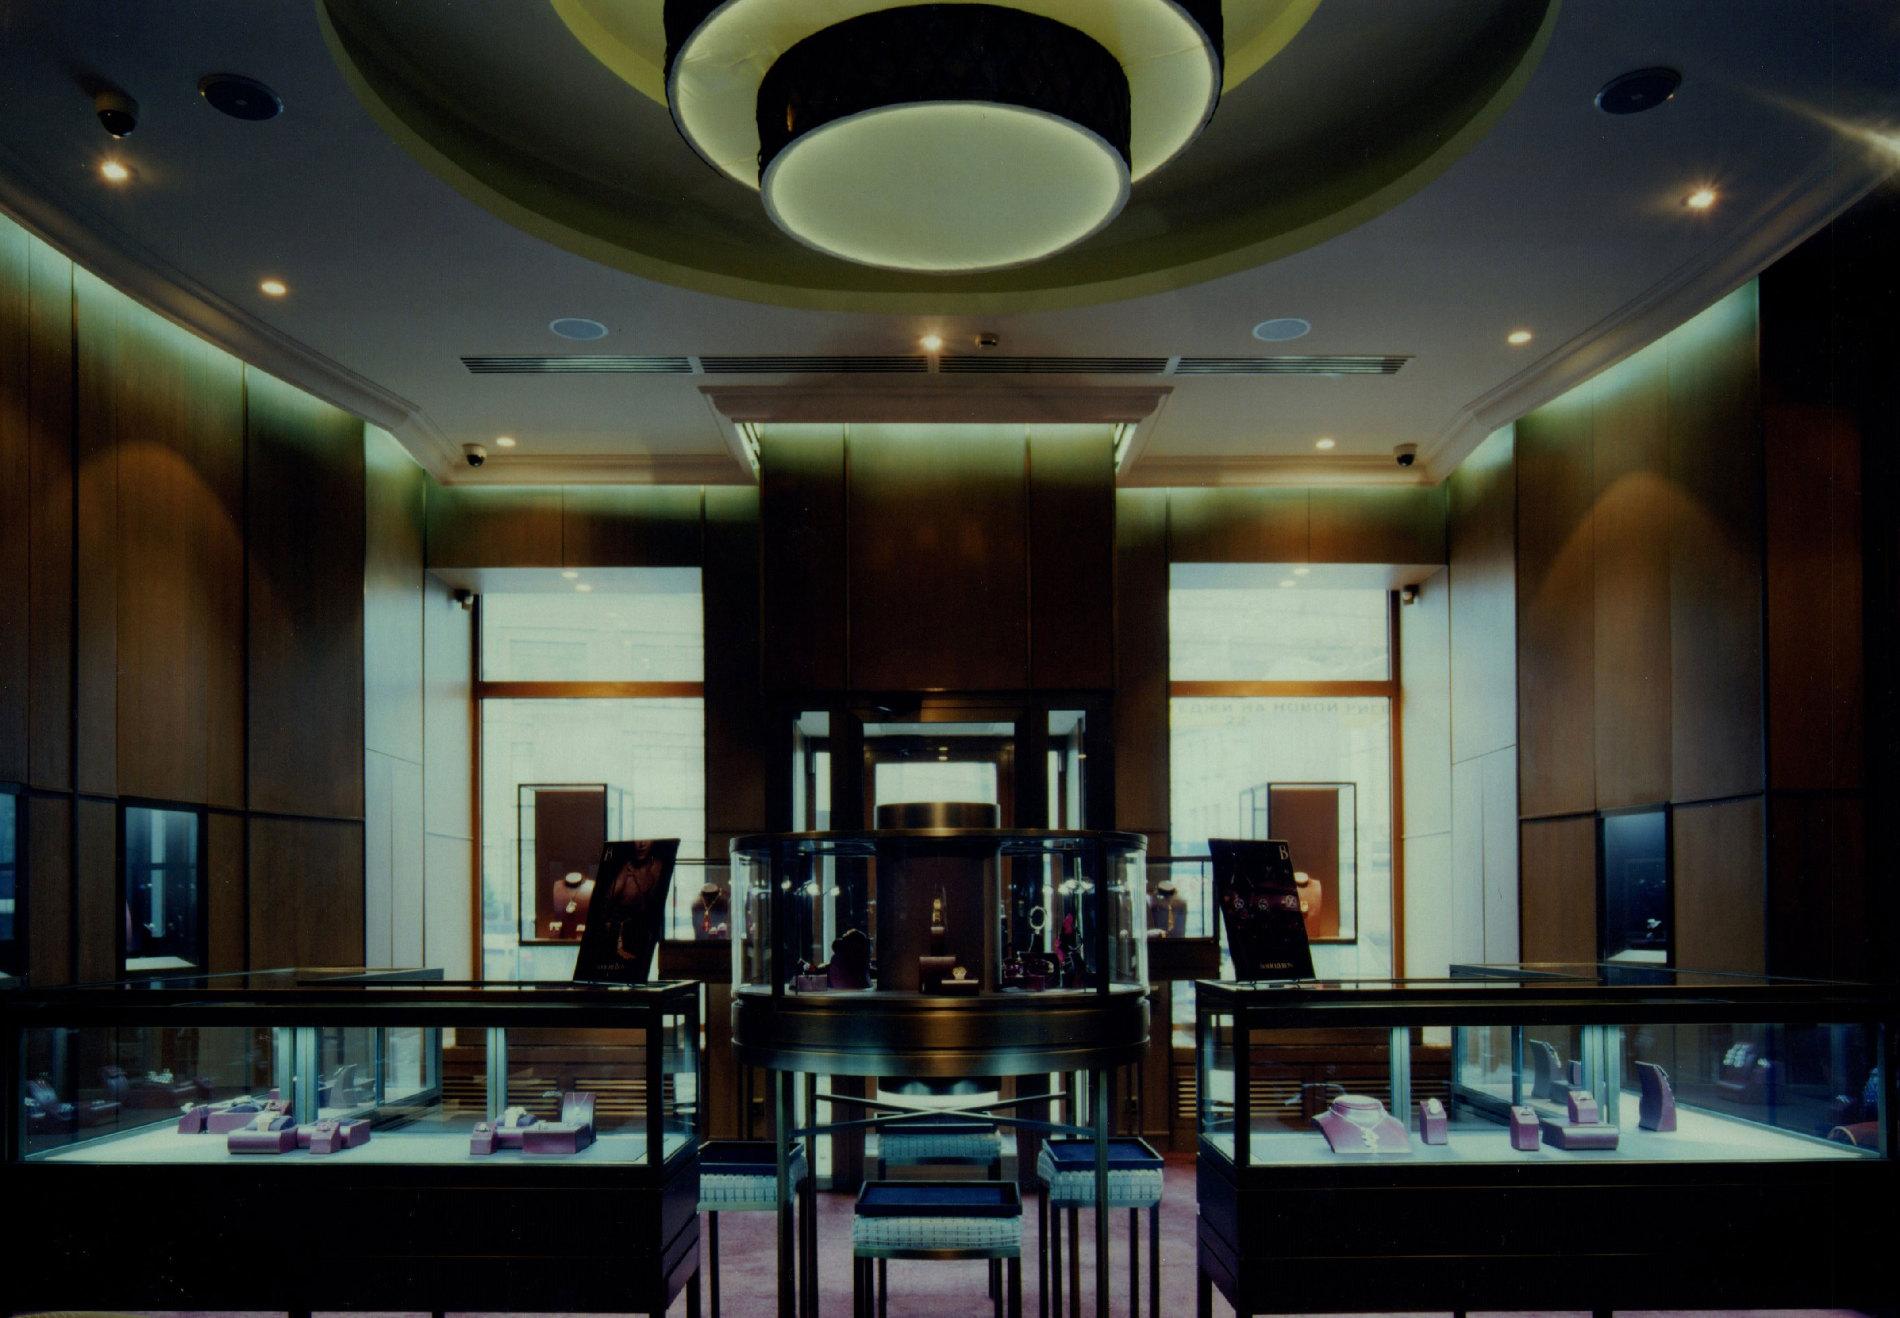 Белое золото 18 карат новинка  эти изделия настолько яркие не только благодаря своему необычному дизайну, - впечатляет и сочетание драгоценных камней, которыми они инкрустированы: нержавеющая сталь, розовое золото 18 карат.